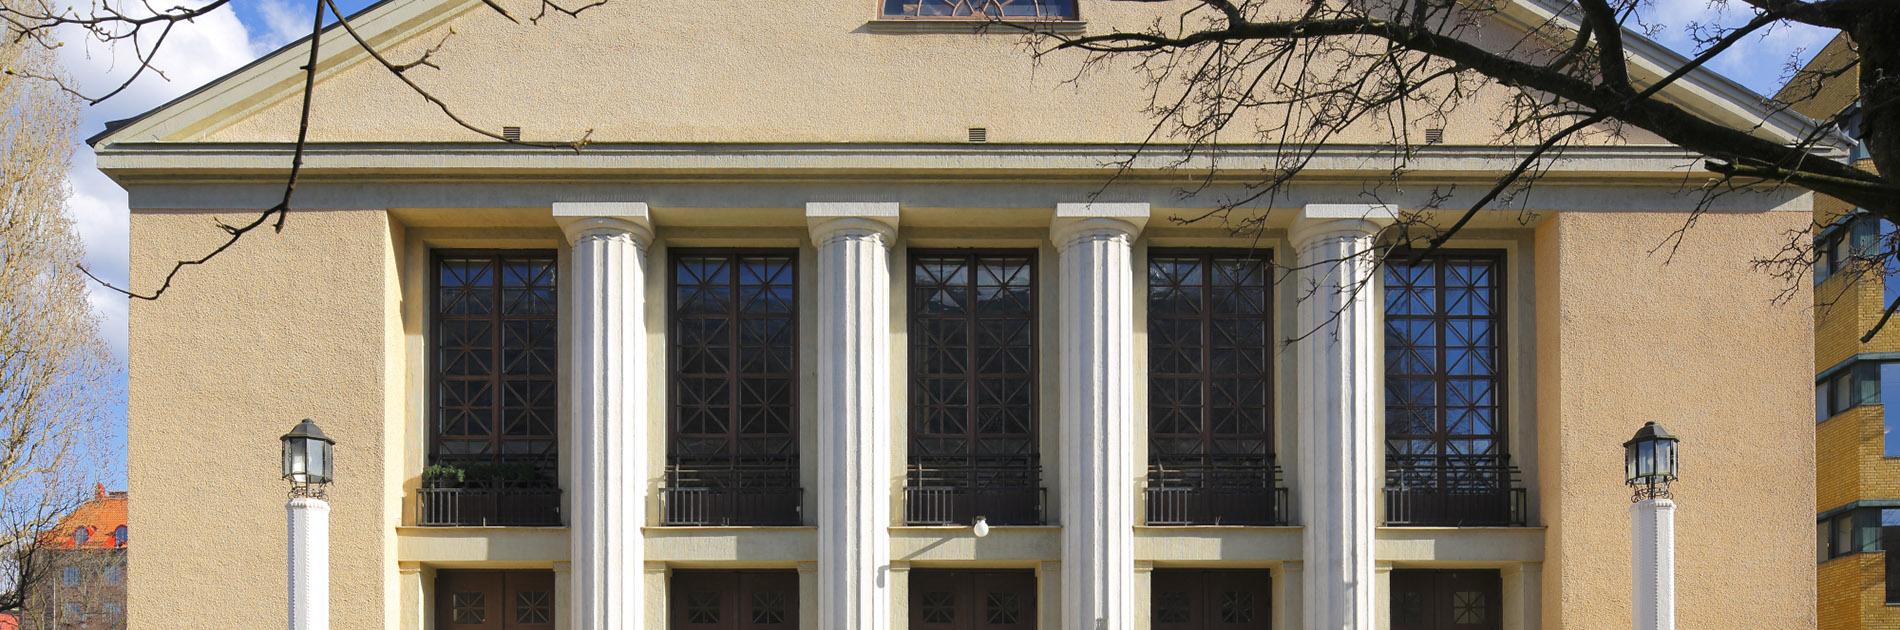 Framsidan av Lorensbergsteatern med höga pelare och stora fönsterpartier.